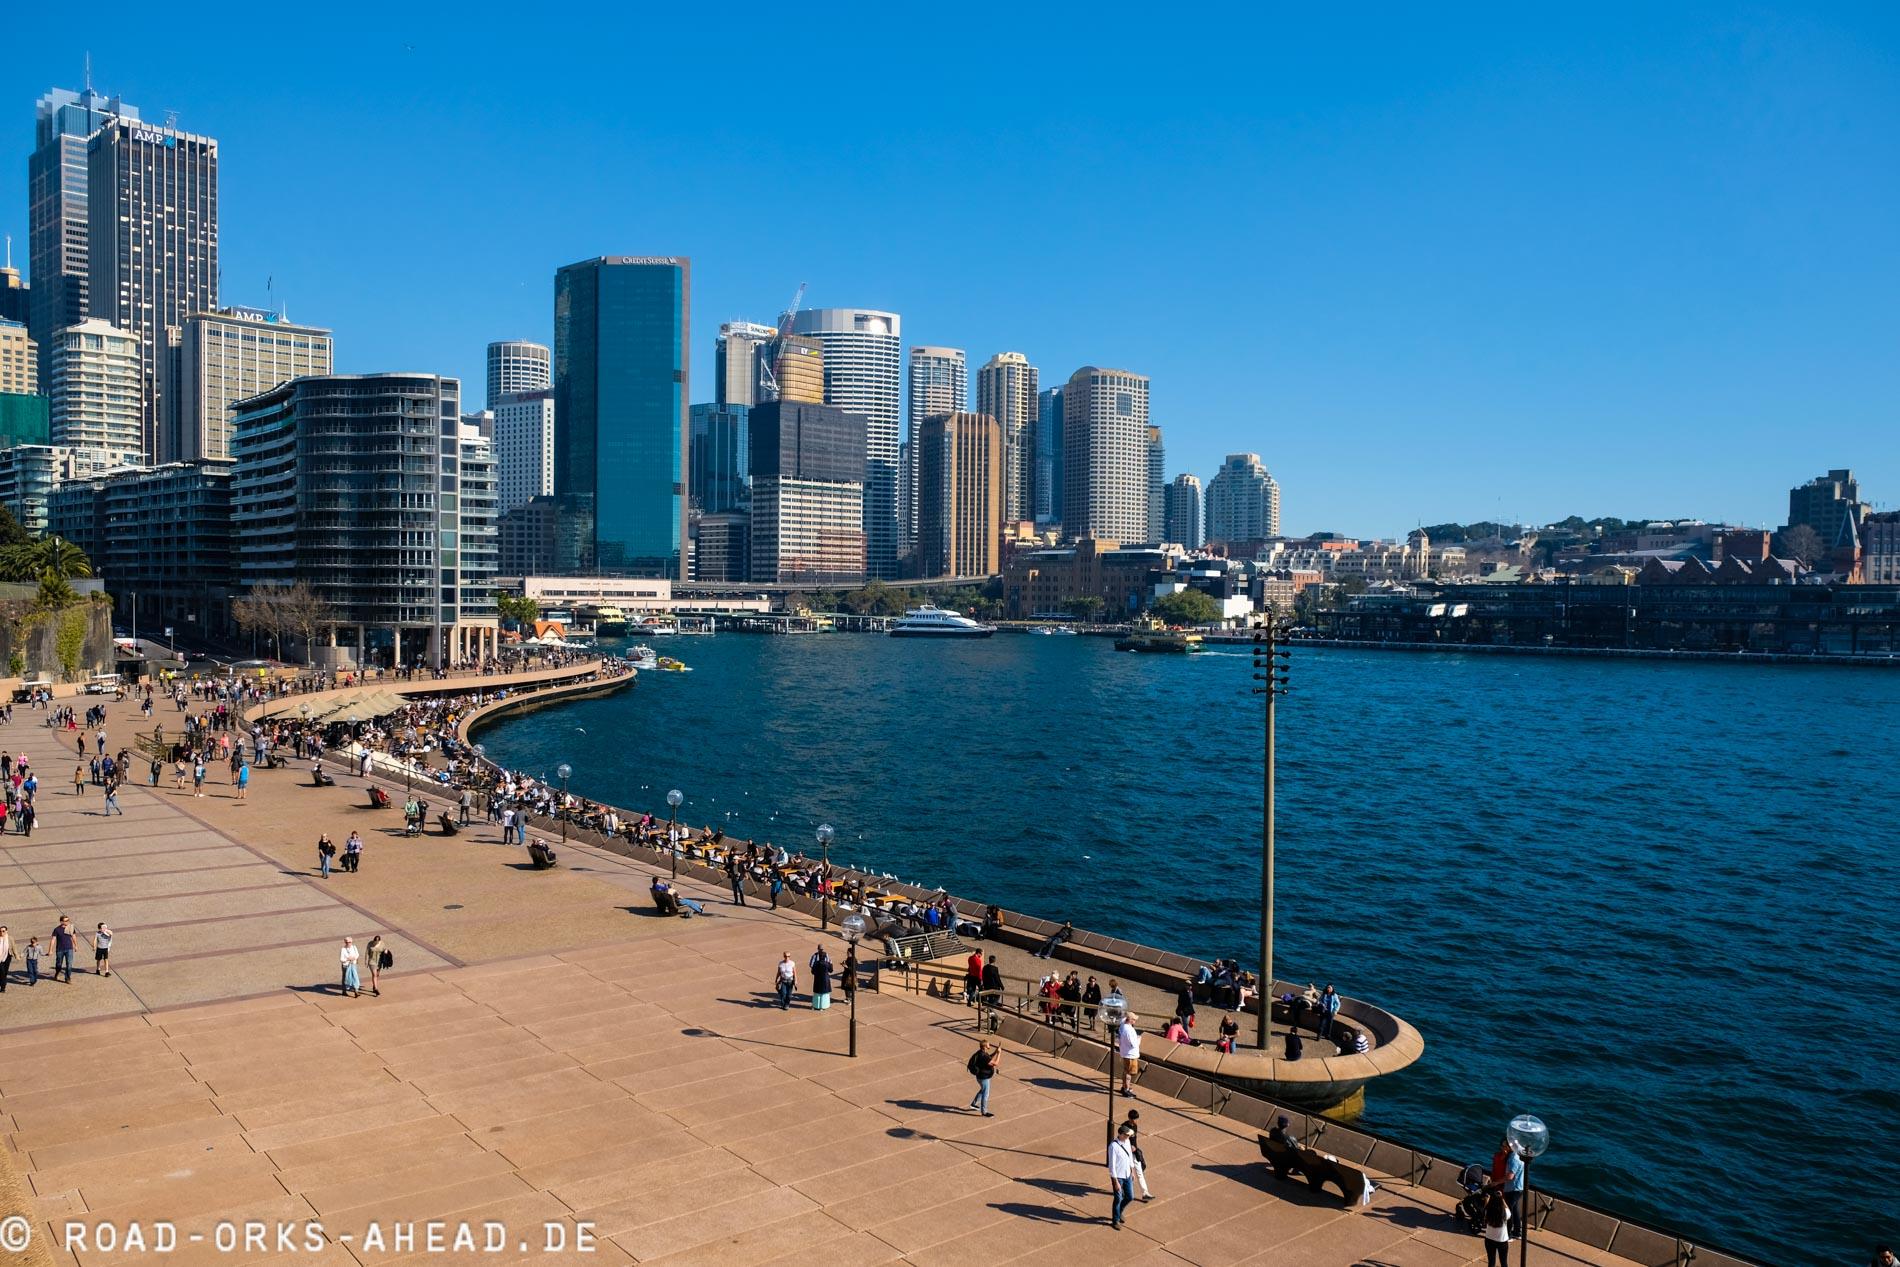 Blick in den Hafen vom Sydney Opera House